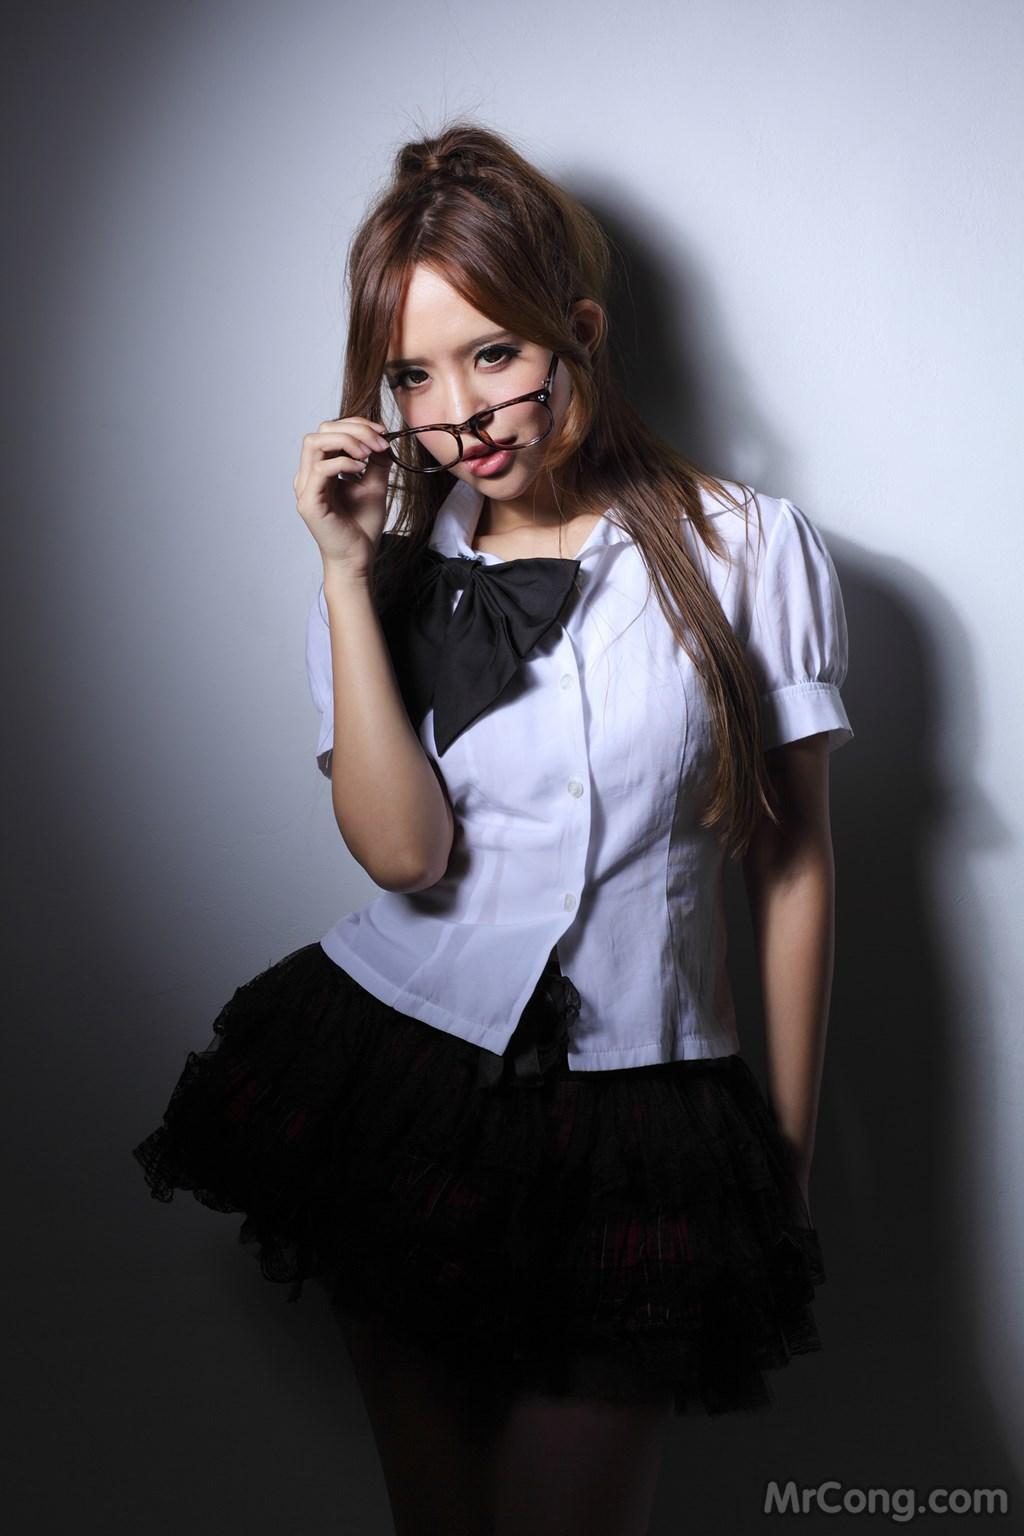 Image Girl-xinh-Dai-Loan-by-Joseph-Huang-Phan-2-MrCong.com-0040 in post Các cô gái Đài Loan qua góc chụp của Joseph Huang (黃阿文) - Phần 2 (1469 ảnh)